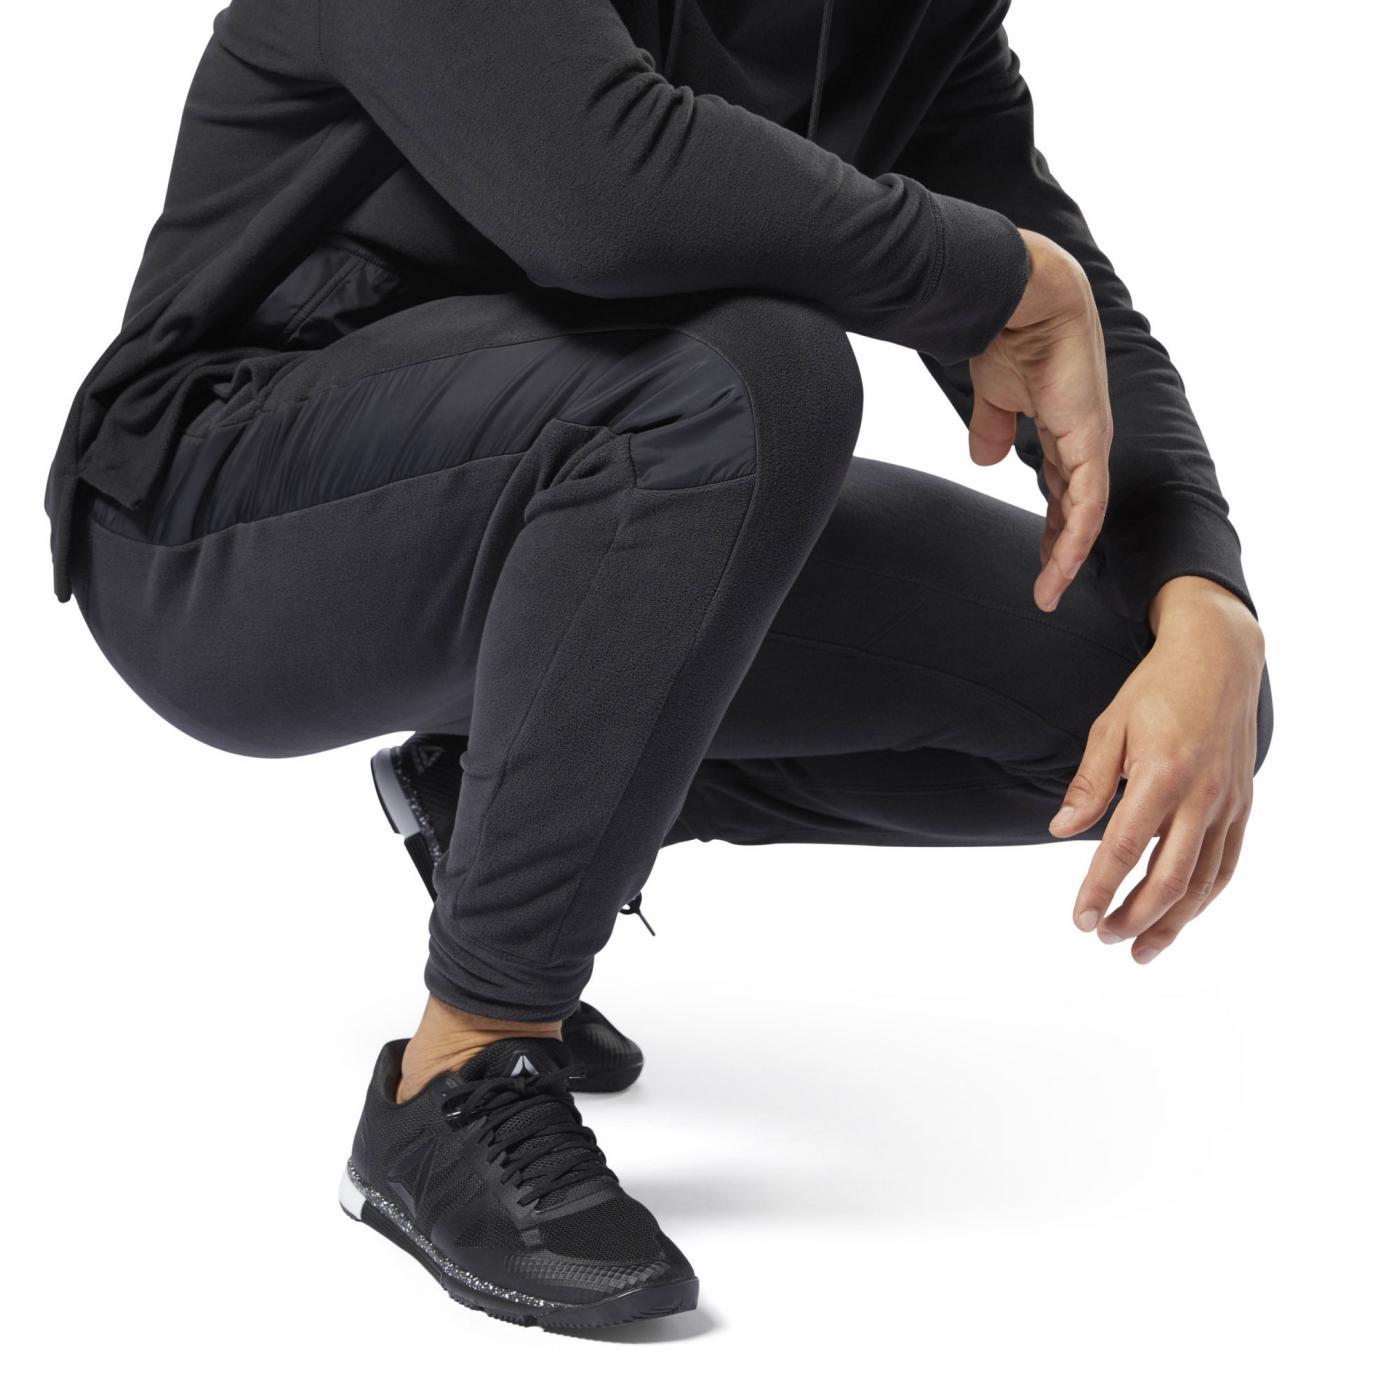 Pantalon Reebok Hombre Cheap Nike Shoes Online